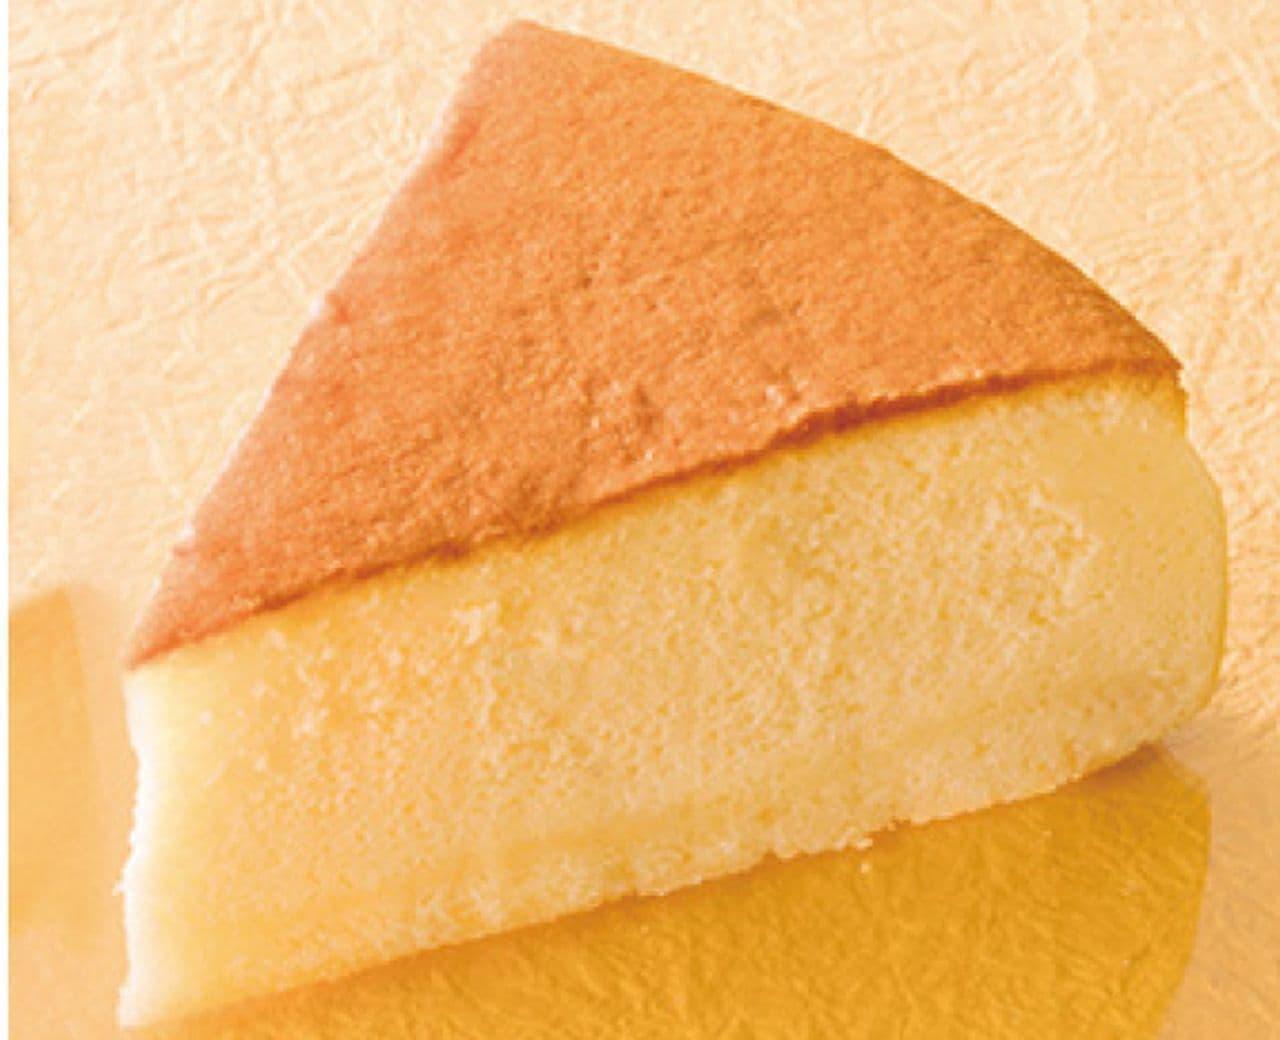 シャトレーゼ「ふわふわスフレチーズケーキ」